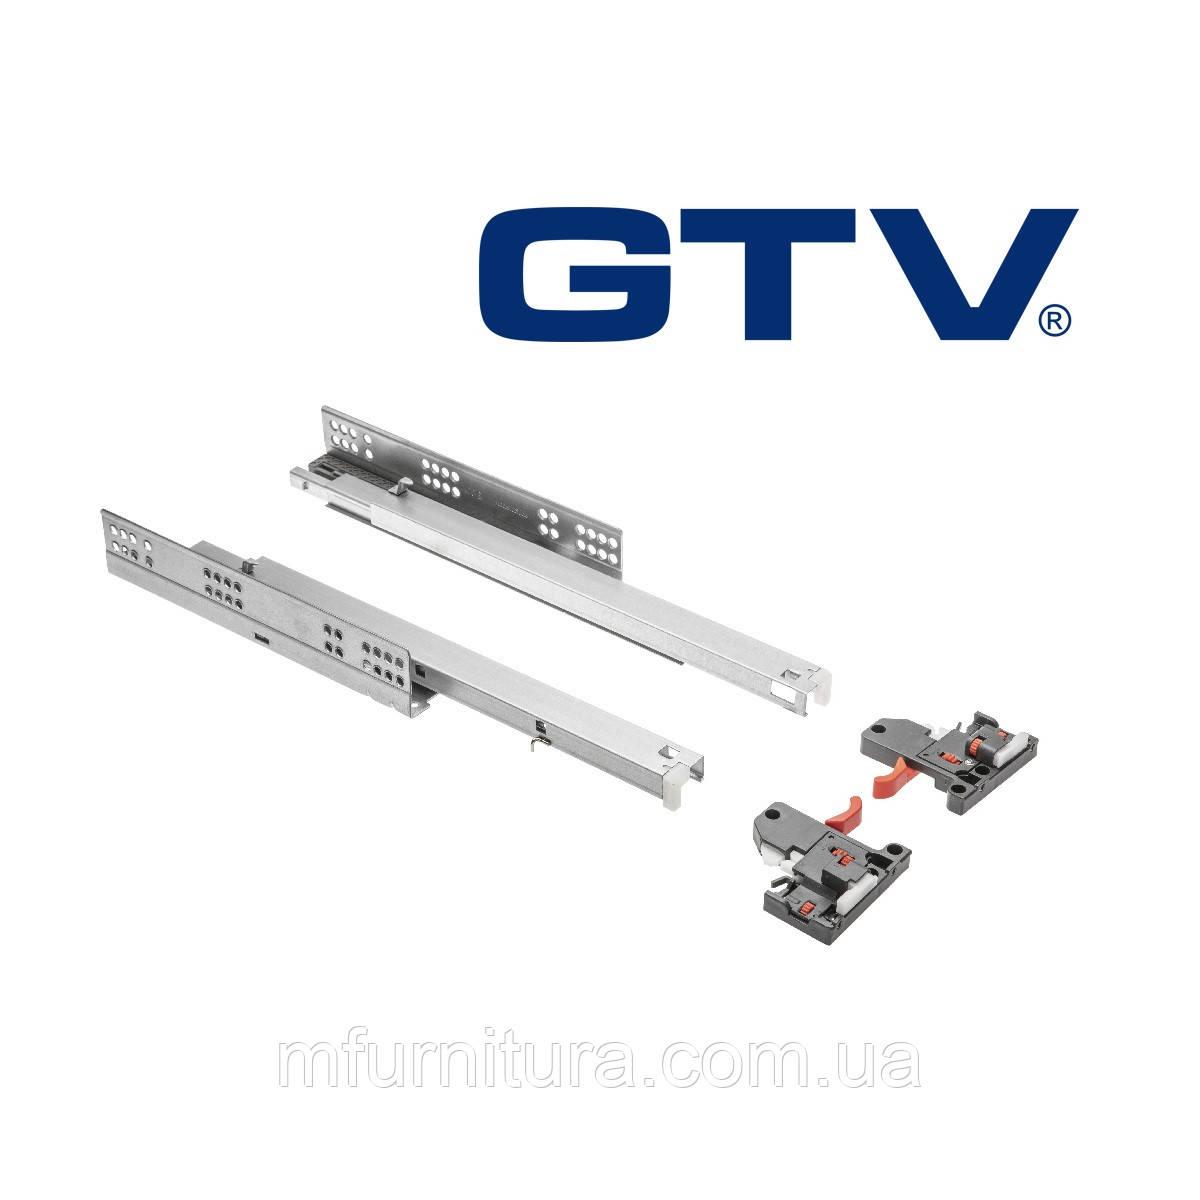 Напр. ModernSlide 500 мм, полн. выдв.(18 мм)(PB3D0SHX18-500-H) (комплект) - GTV (Польша)